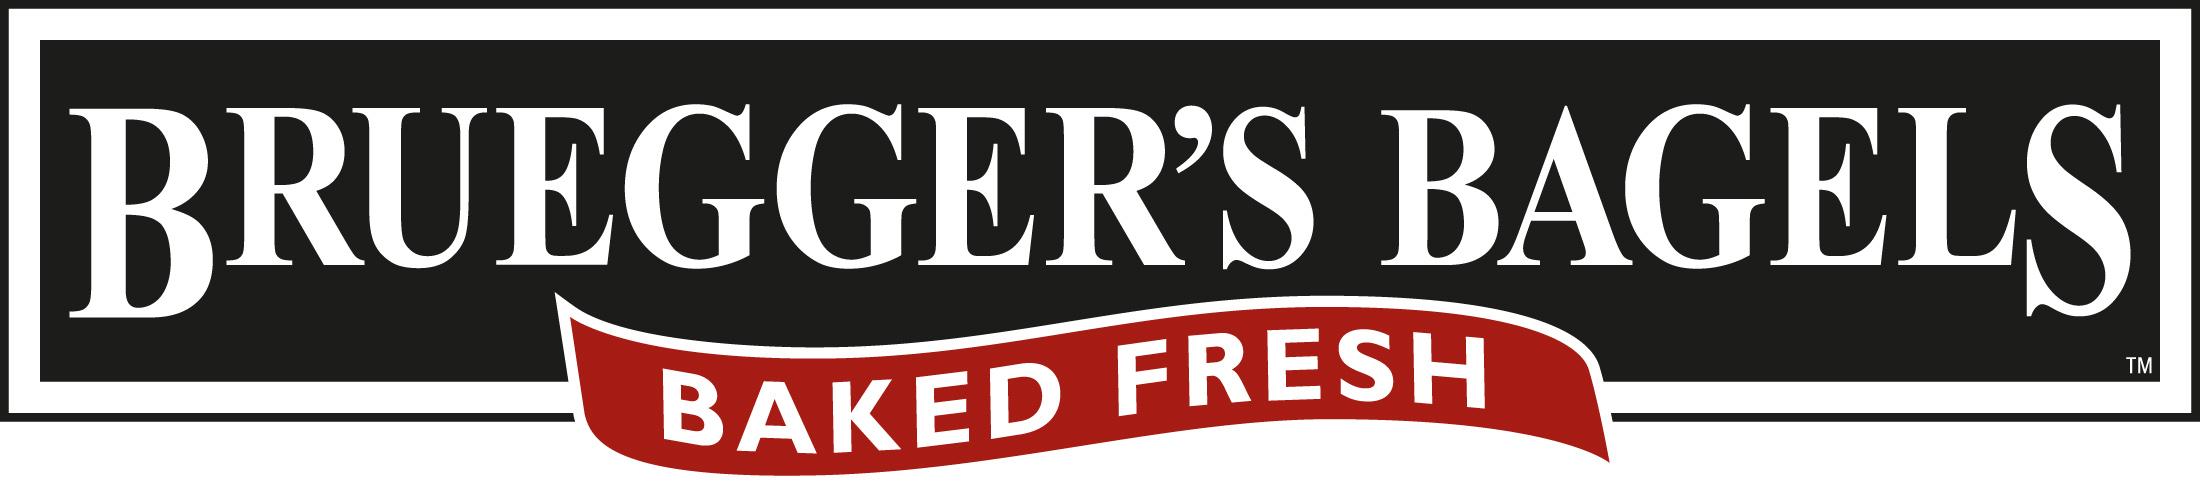 Bruegger's Bagels coupon codes